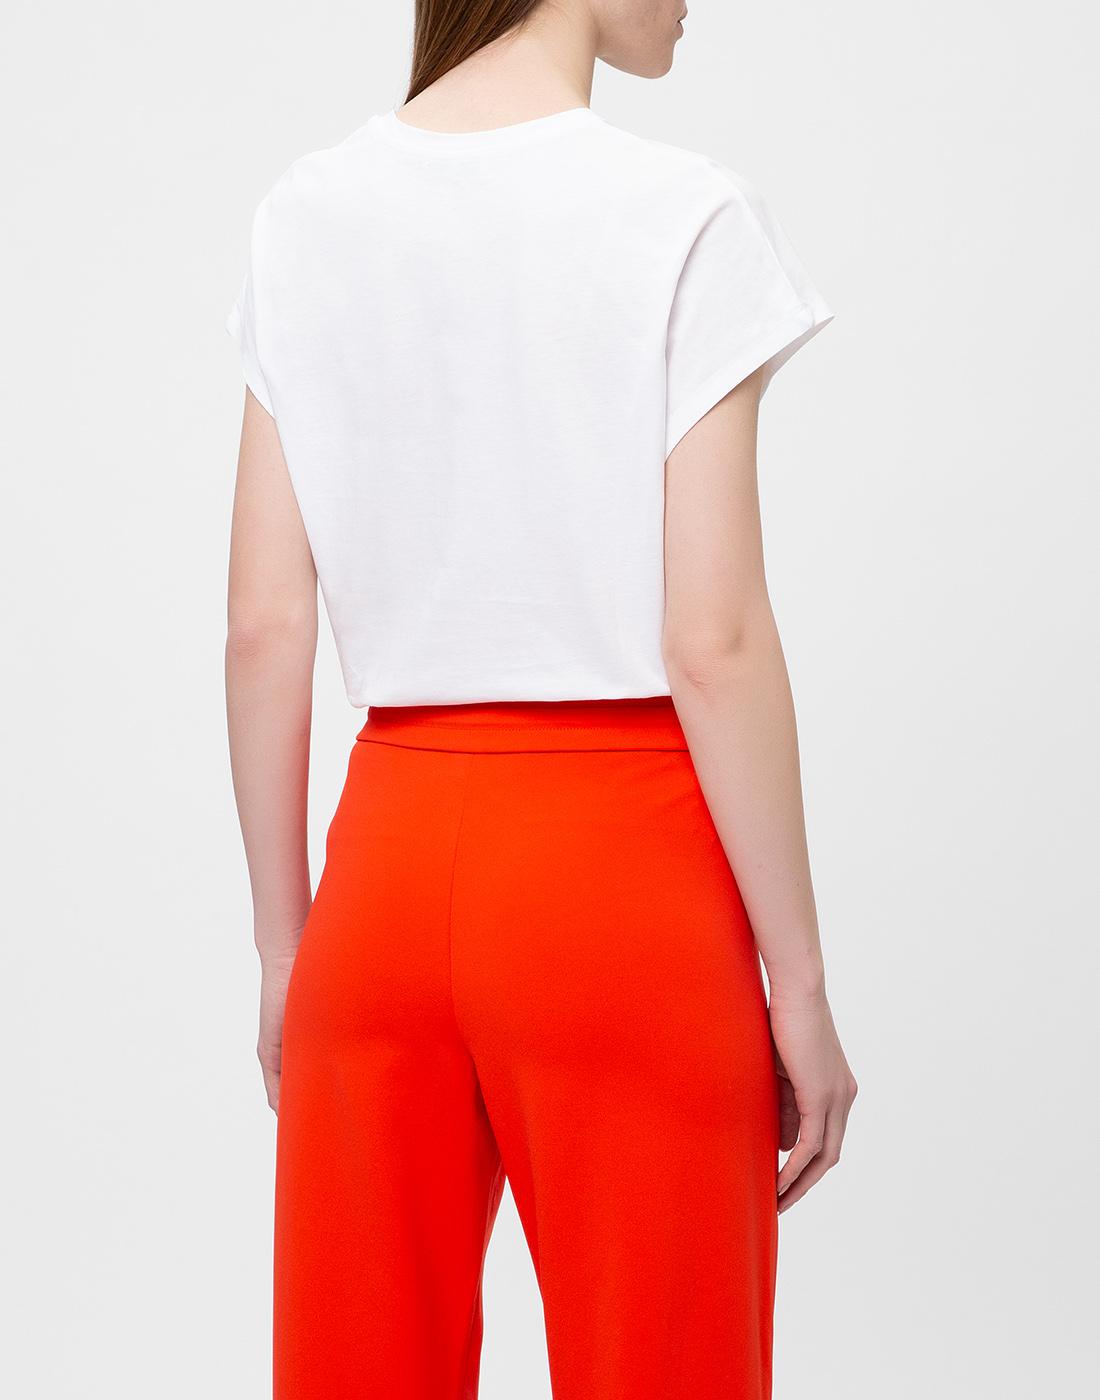 Женская белая футболка с вышивкой пайетками  Dorothee Schumacher S623103/026-4